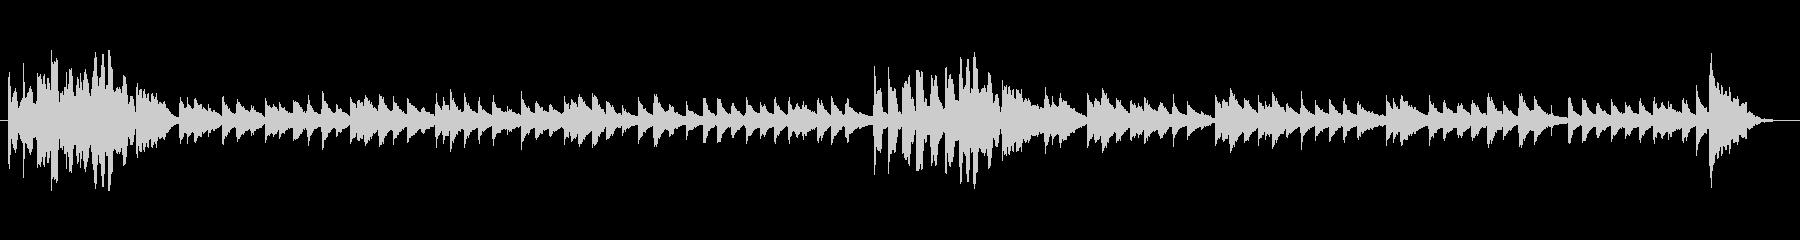 お子さんや知育向けのほのぼのシンプル音楽の未再生の波形